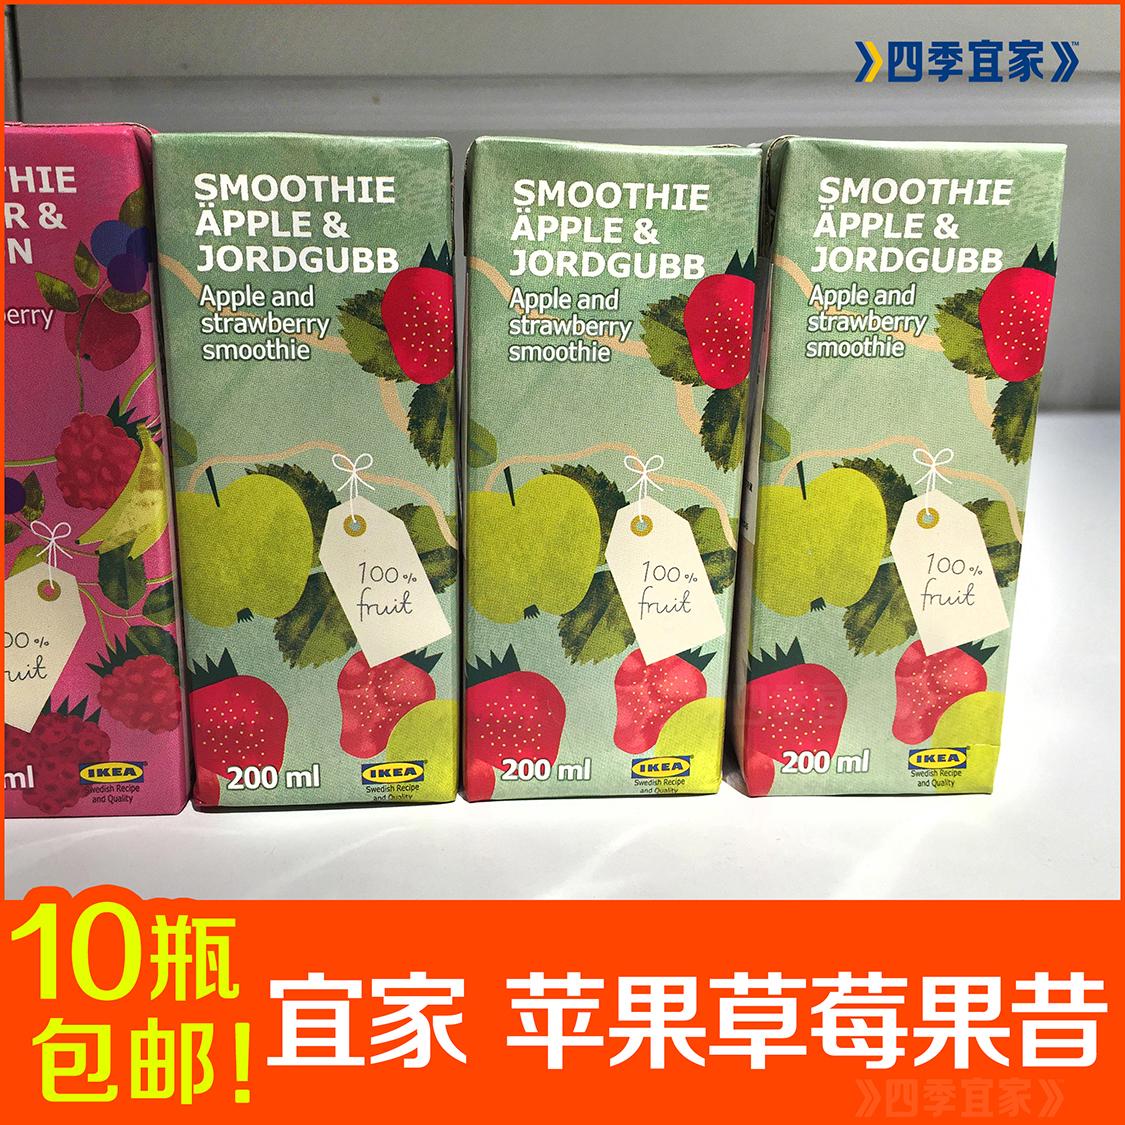 宜家进口西班牙原产苹果草莓果昔果汁复合混合果蔬汁水果饮料儿童